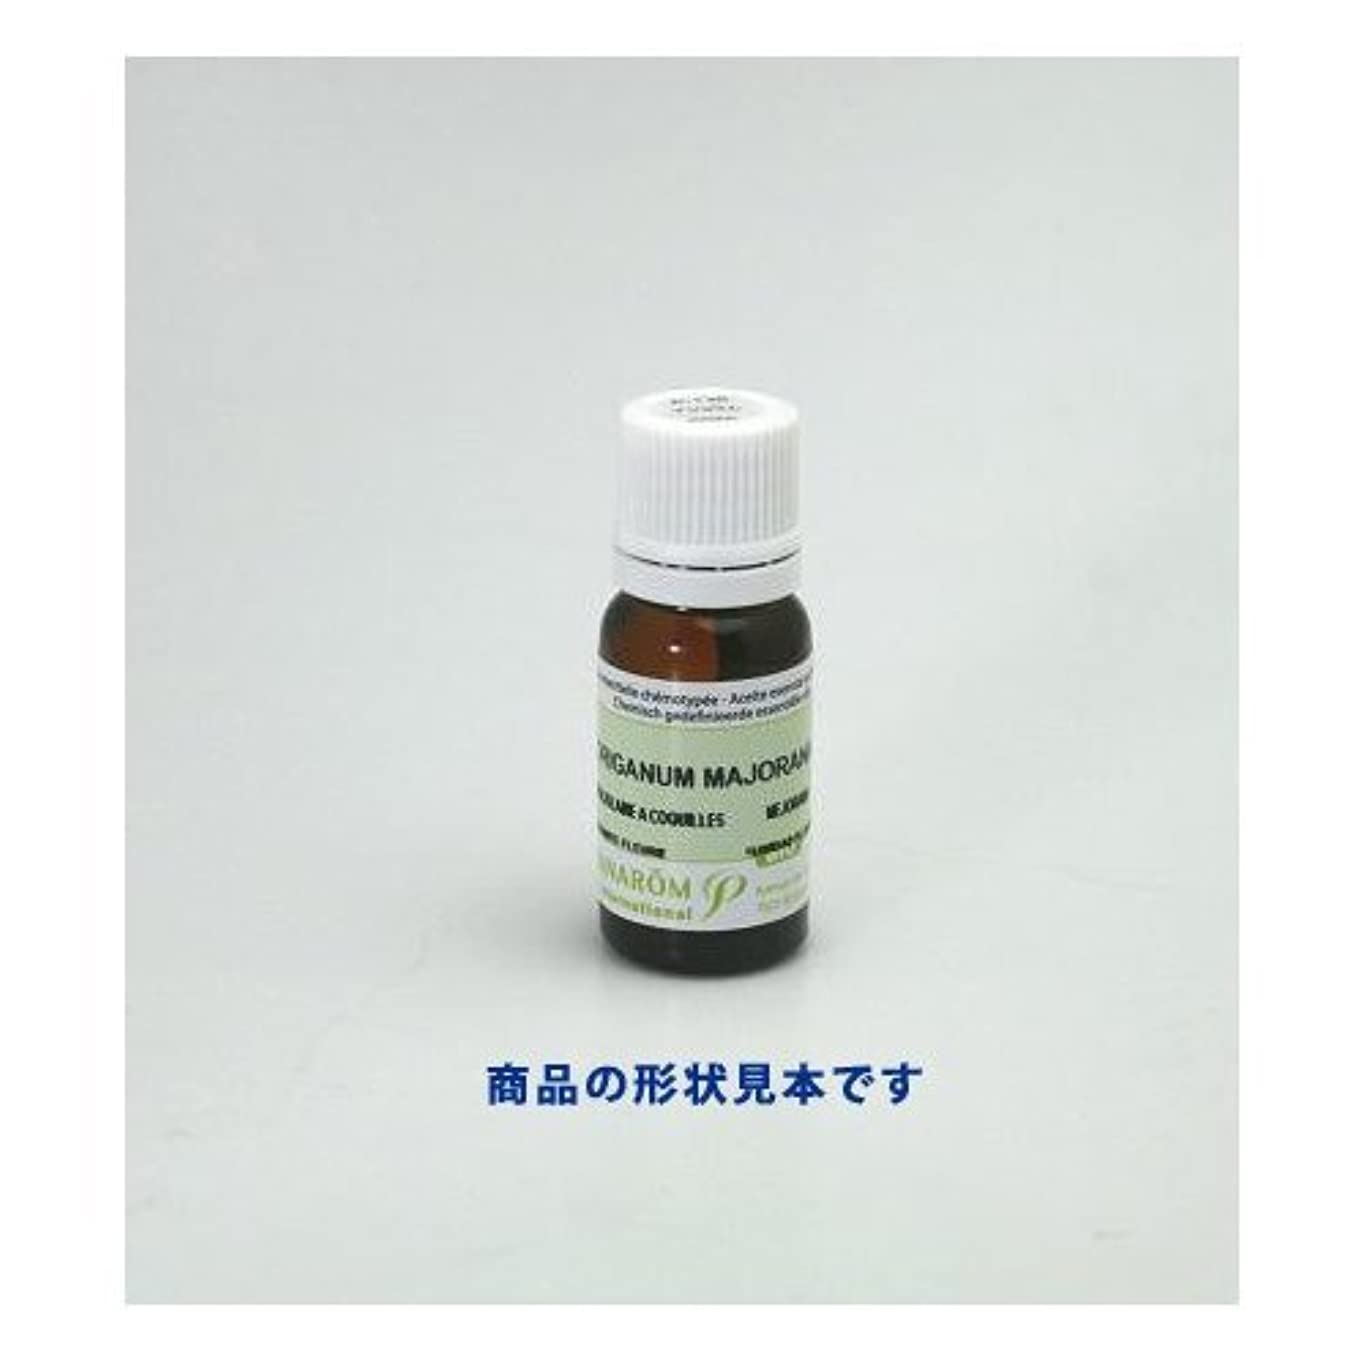 自動化アッティカスヘビプラナロム エッセンシャルオイル(精油) アカマツ?ヨーロッパ 10ml